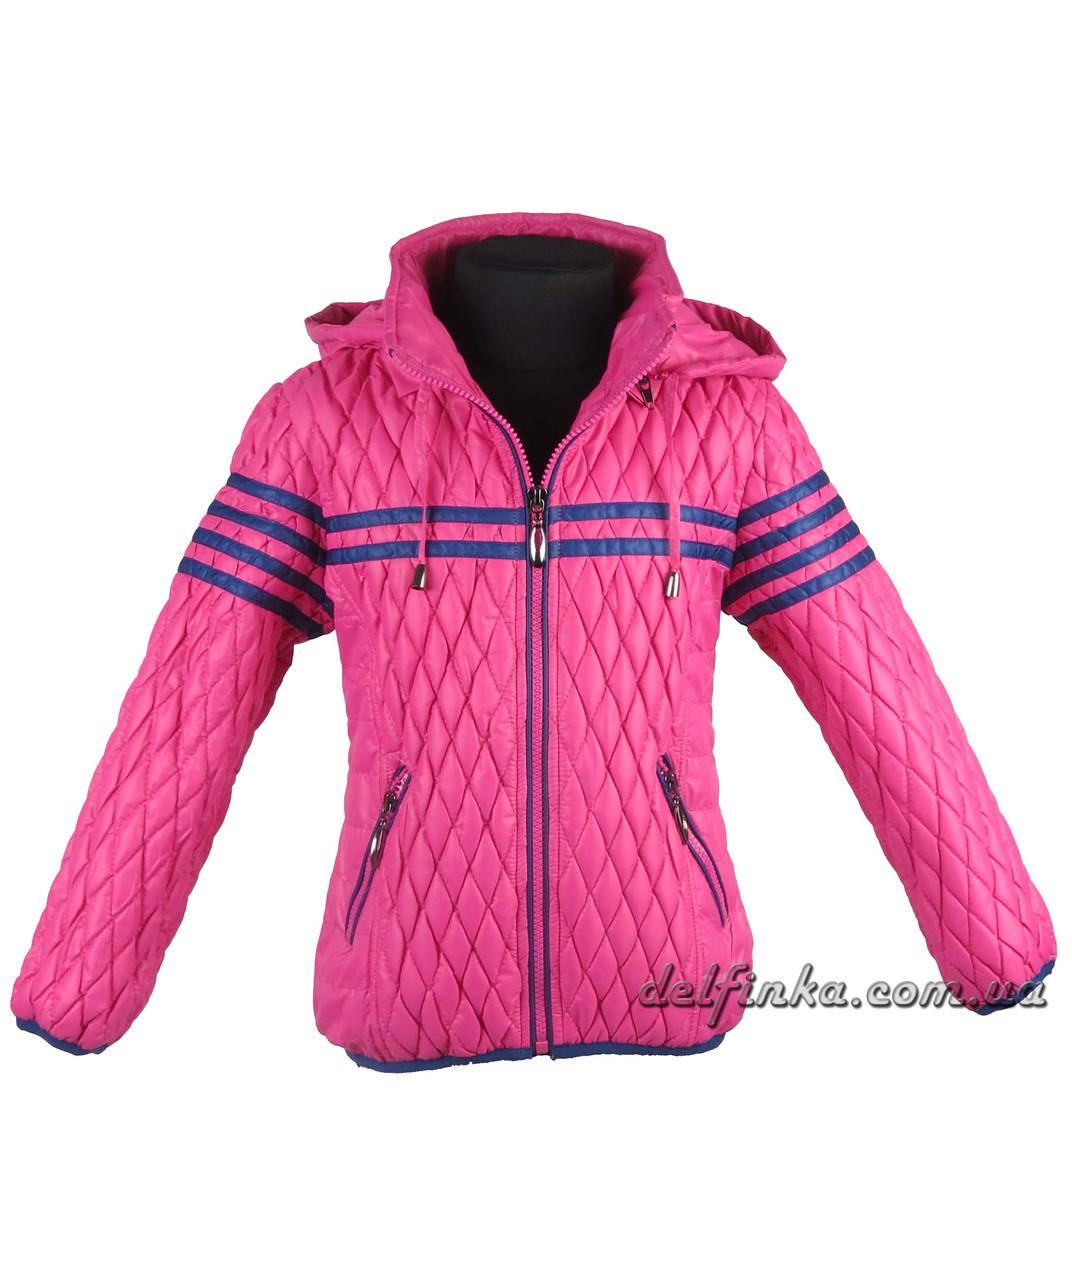 Куртка демисизонная весна-осень размеры 110-140 ( 5-10 лет) цвет малинавый, фото 3